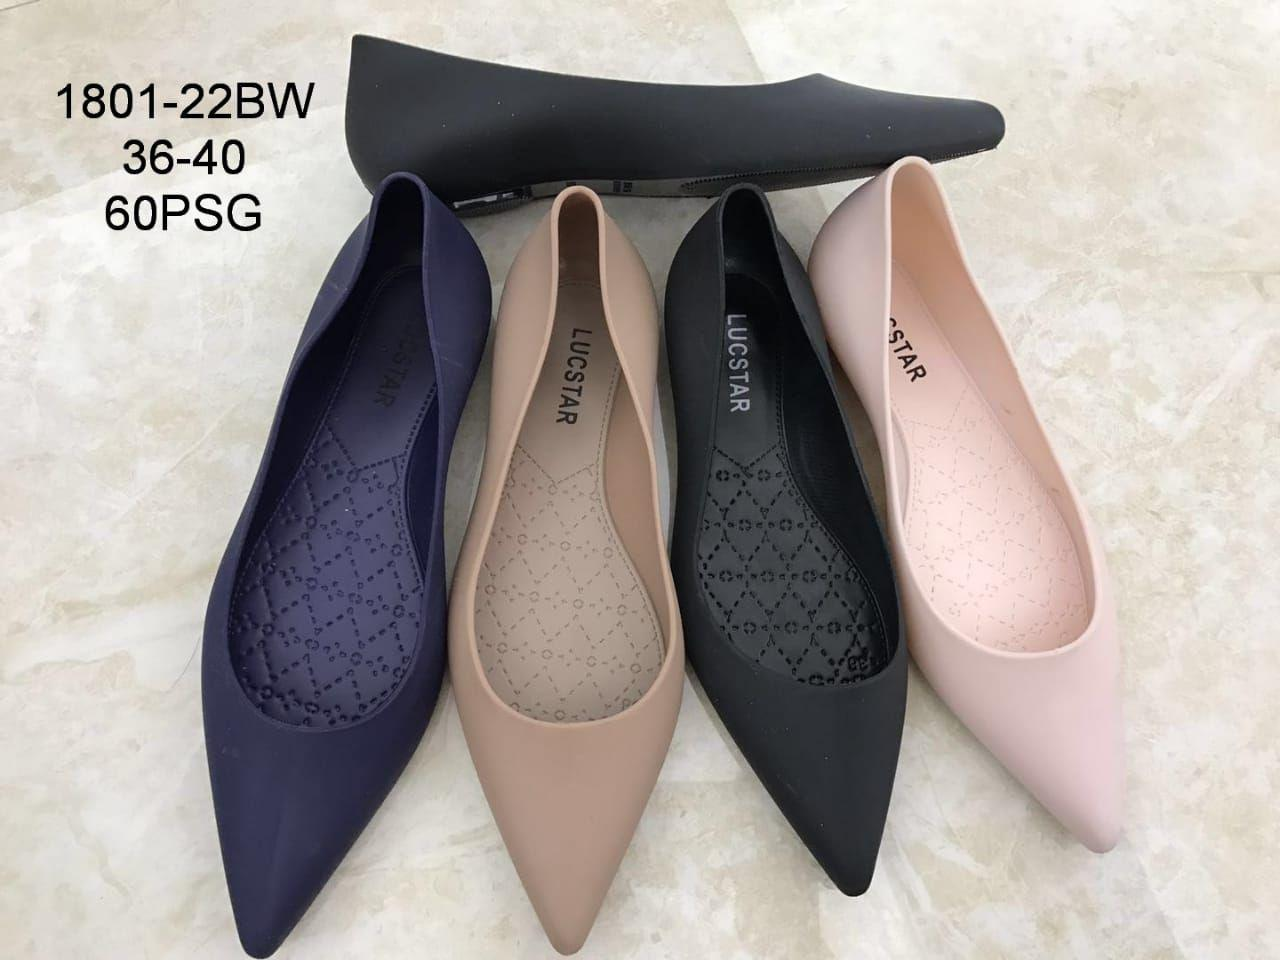 Harga Sepatu Mayoret Termurah Terbaru November 2018 Jenggel Nabato Shoes Flat Karet Wanita Terlaris Dan Terpopuler Jelly 1801